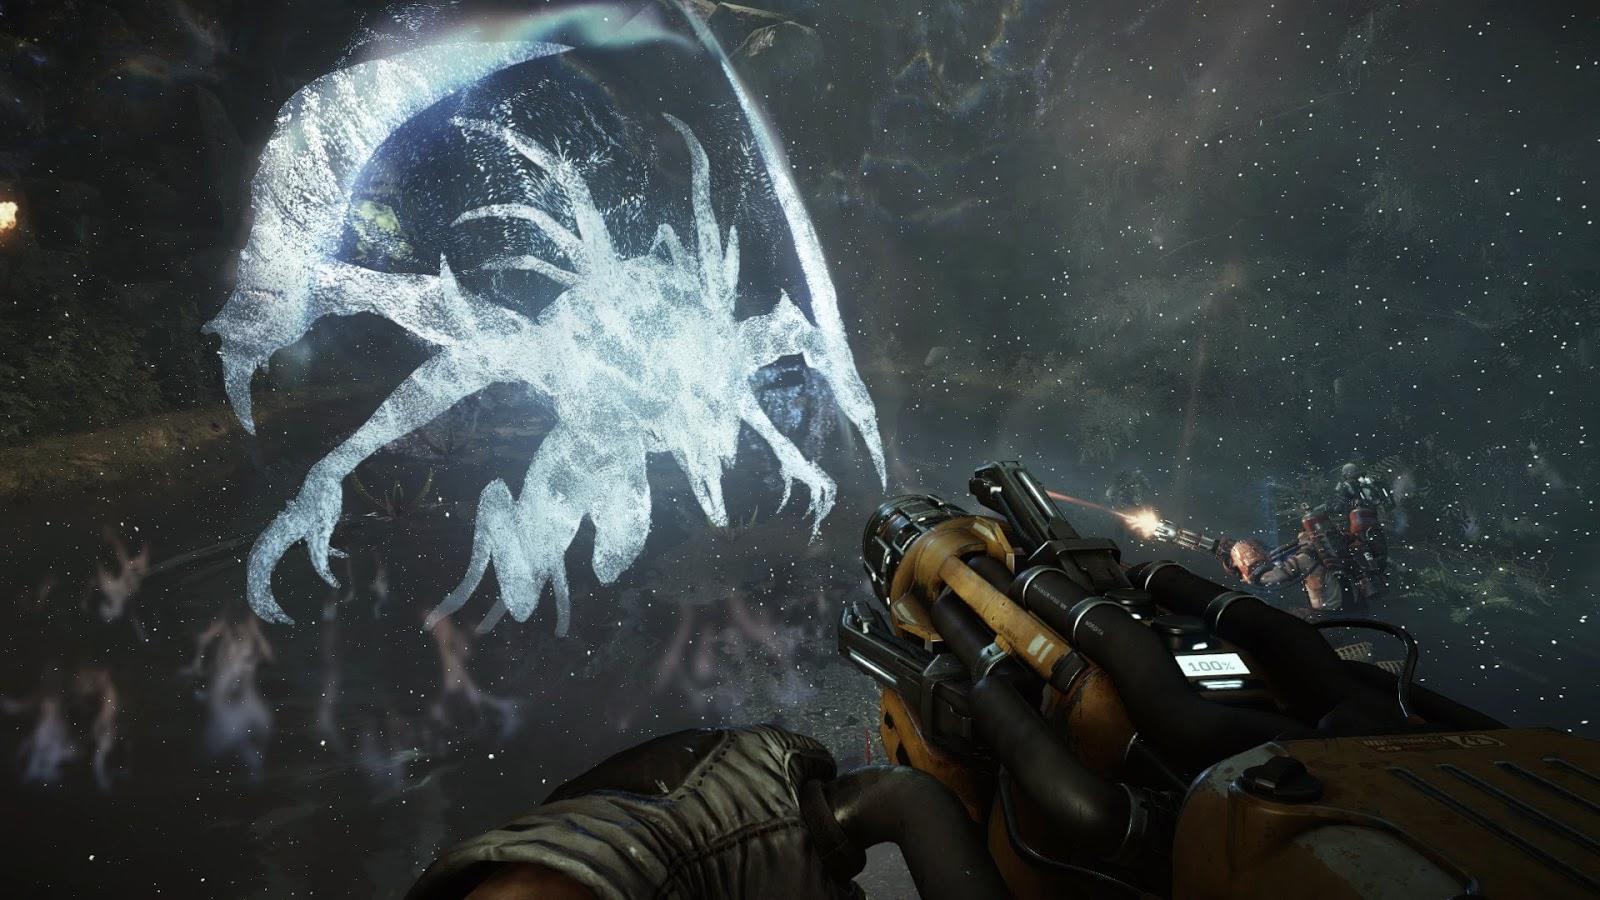 descargar juego 2015 de Evolve extraterrestres para pc Evolve game el juego de la pelicula